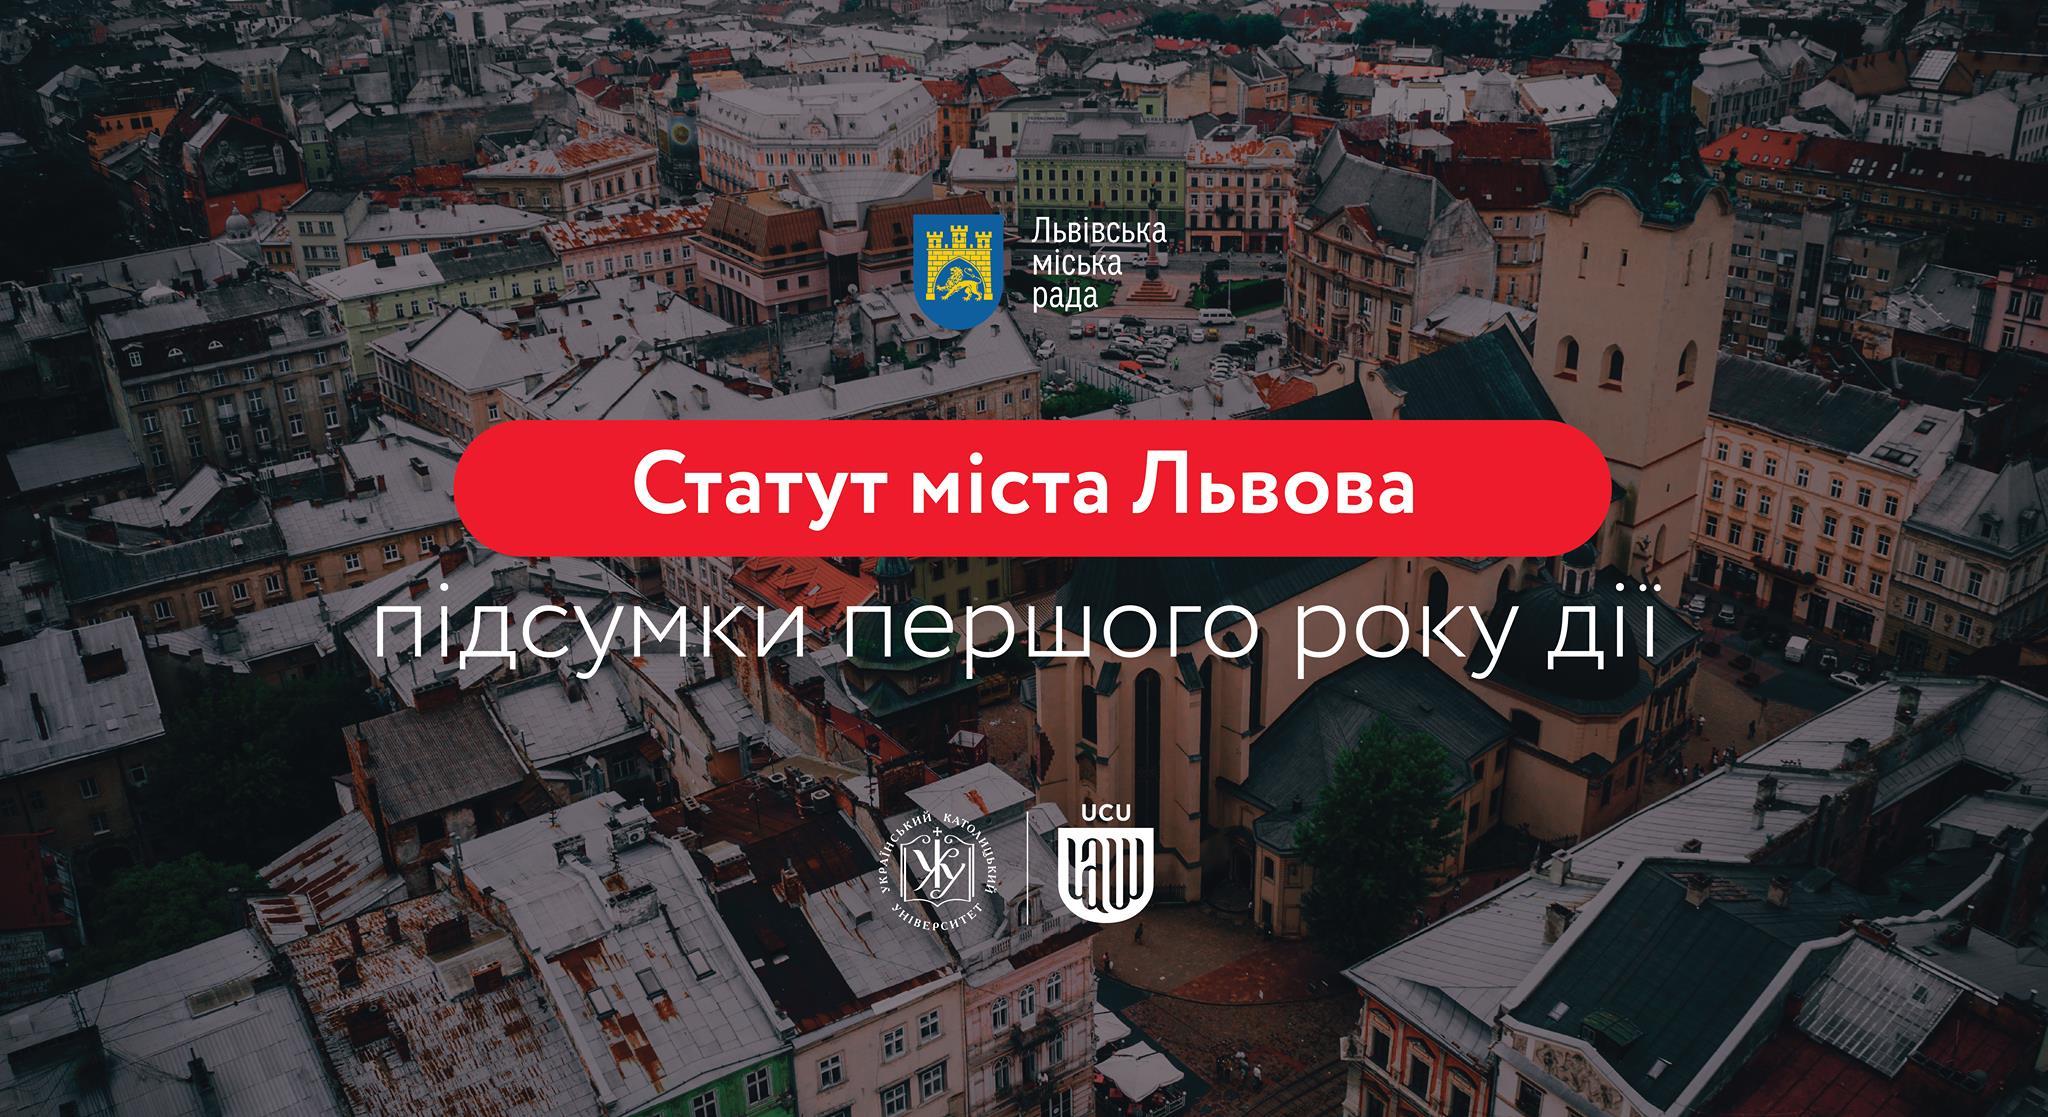 Презентація «Статут міста Львова: підсумки першого року дії»